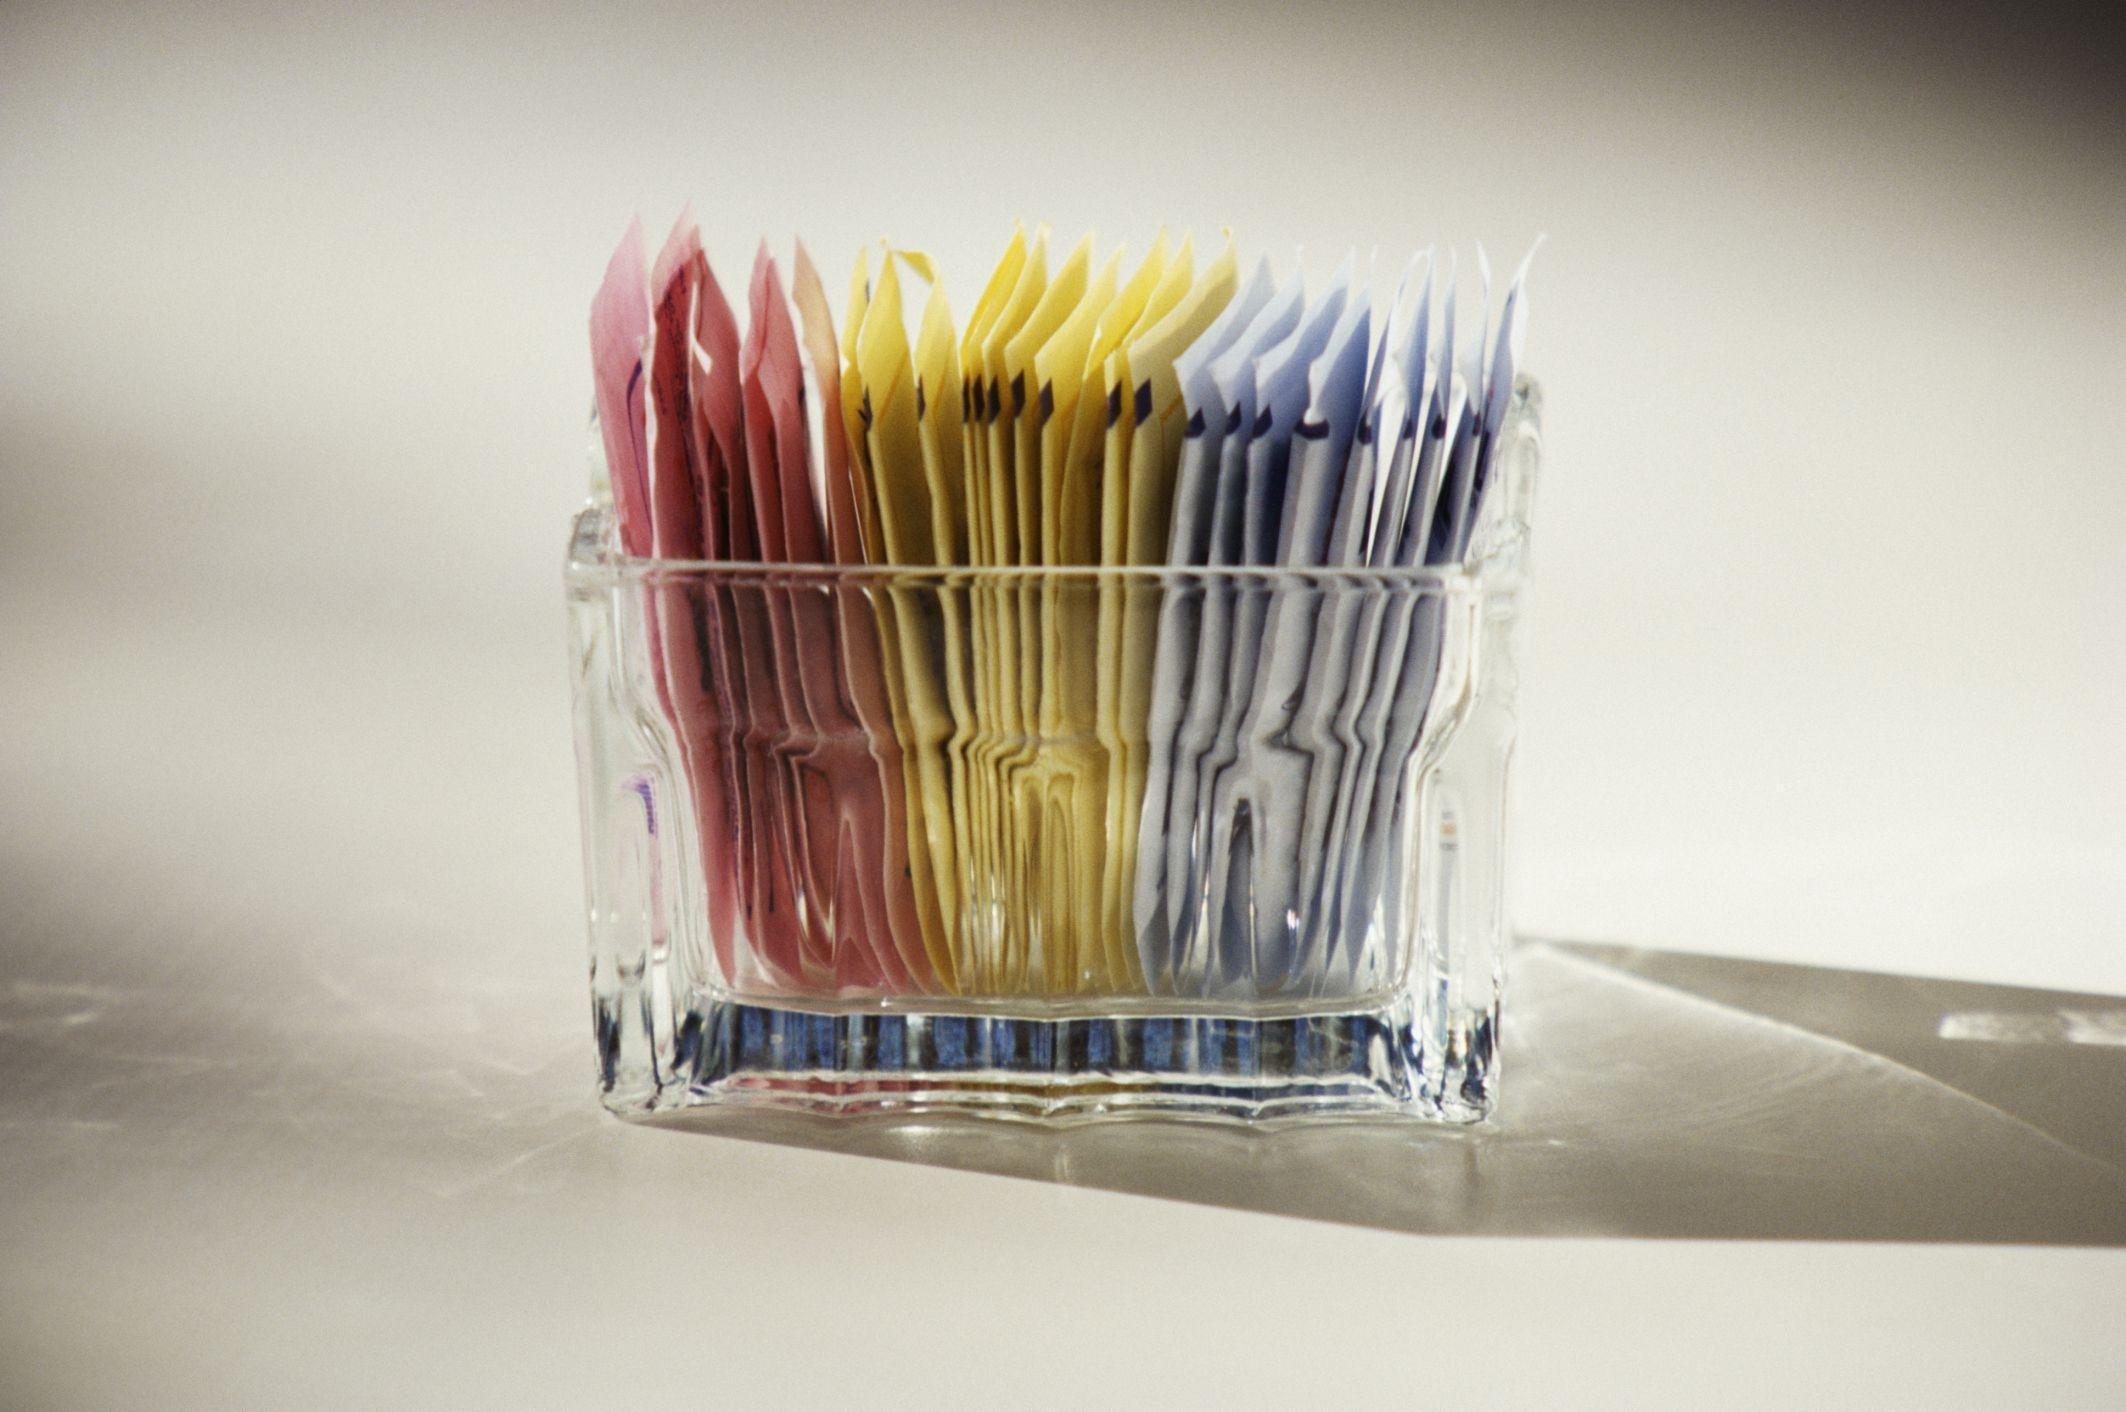 6 Best Sugar Substitutes For Diabetics